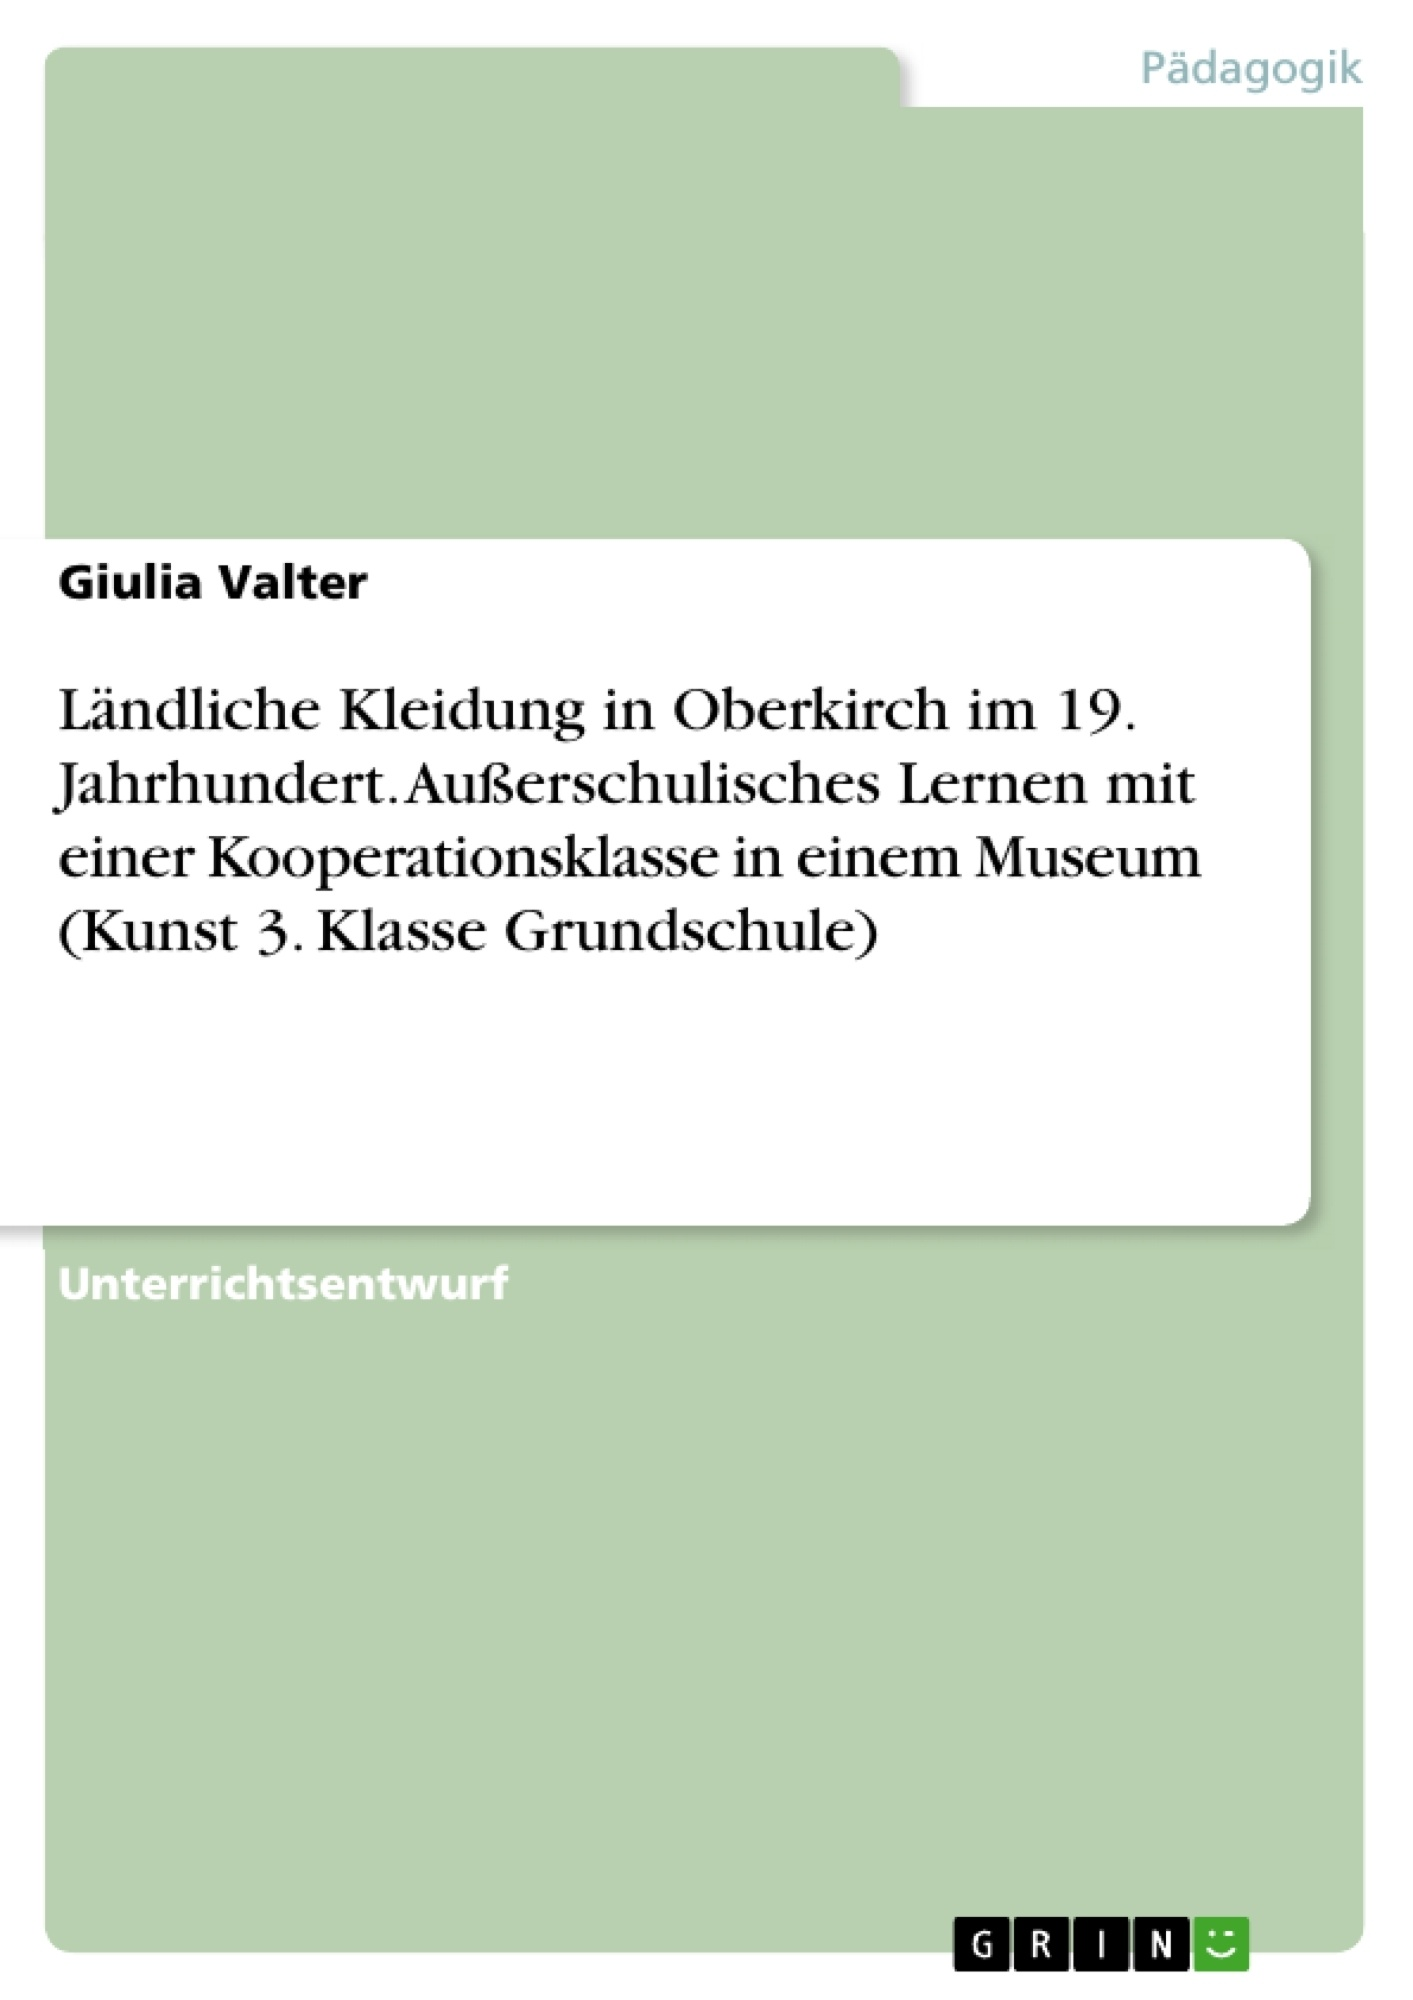 Titel: Ländliche Kleidung in Oberkirch im 19. Jahrhundert. Außerschulisches Lernen mit einer Kooperationsklasse in einem Museum (Kunst 3. Klasse Grundschule)